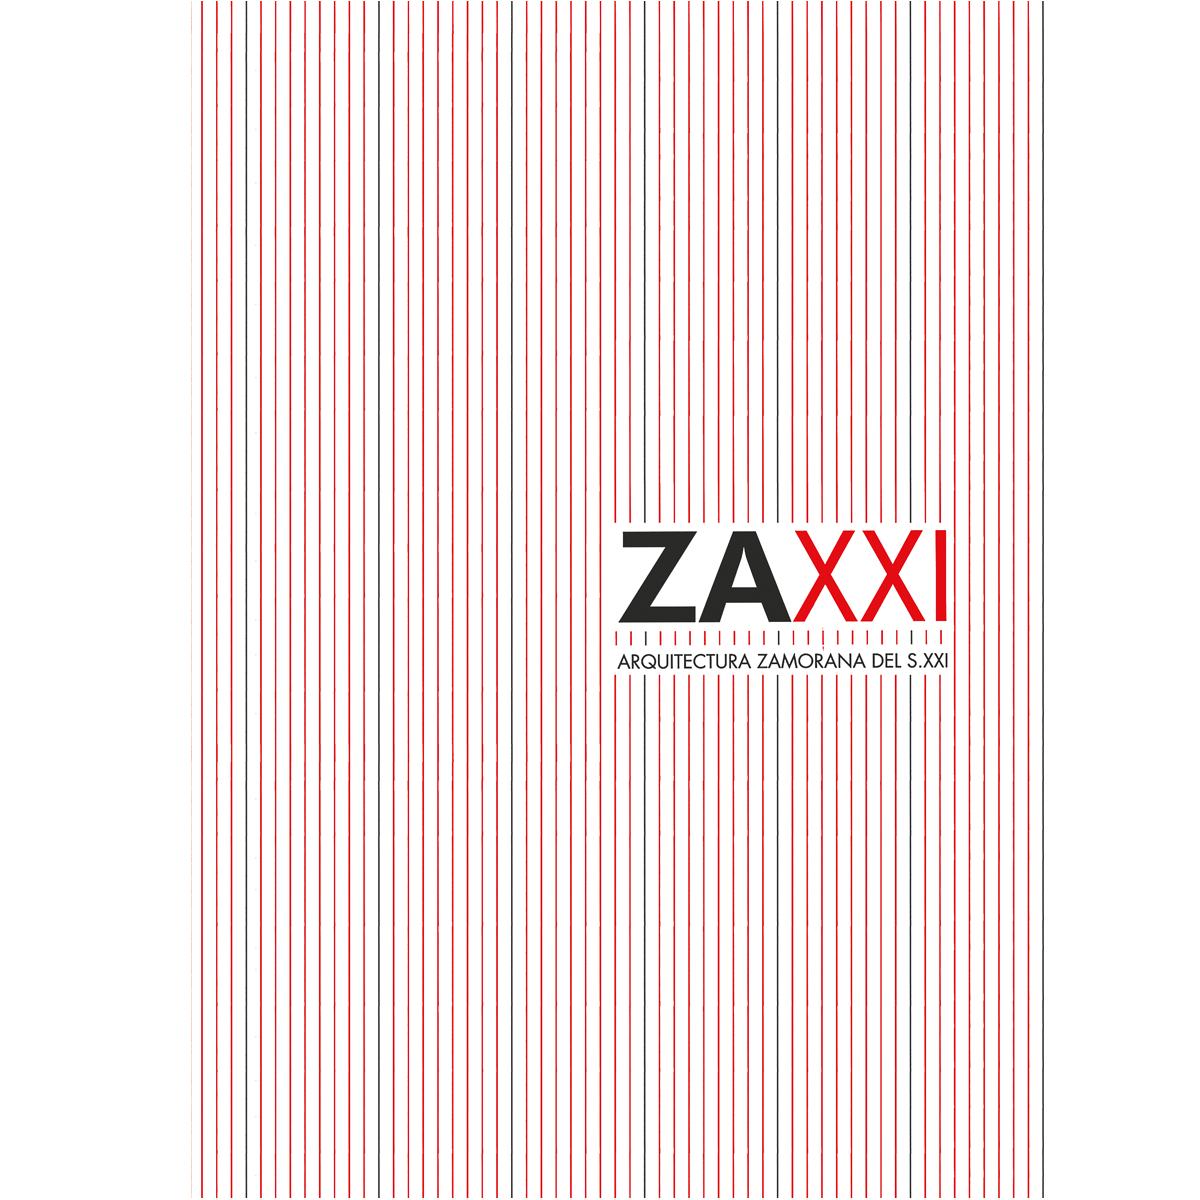 ZAXXI